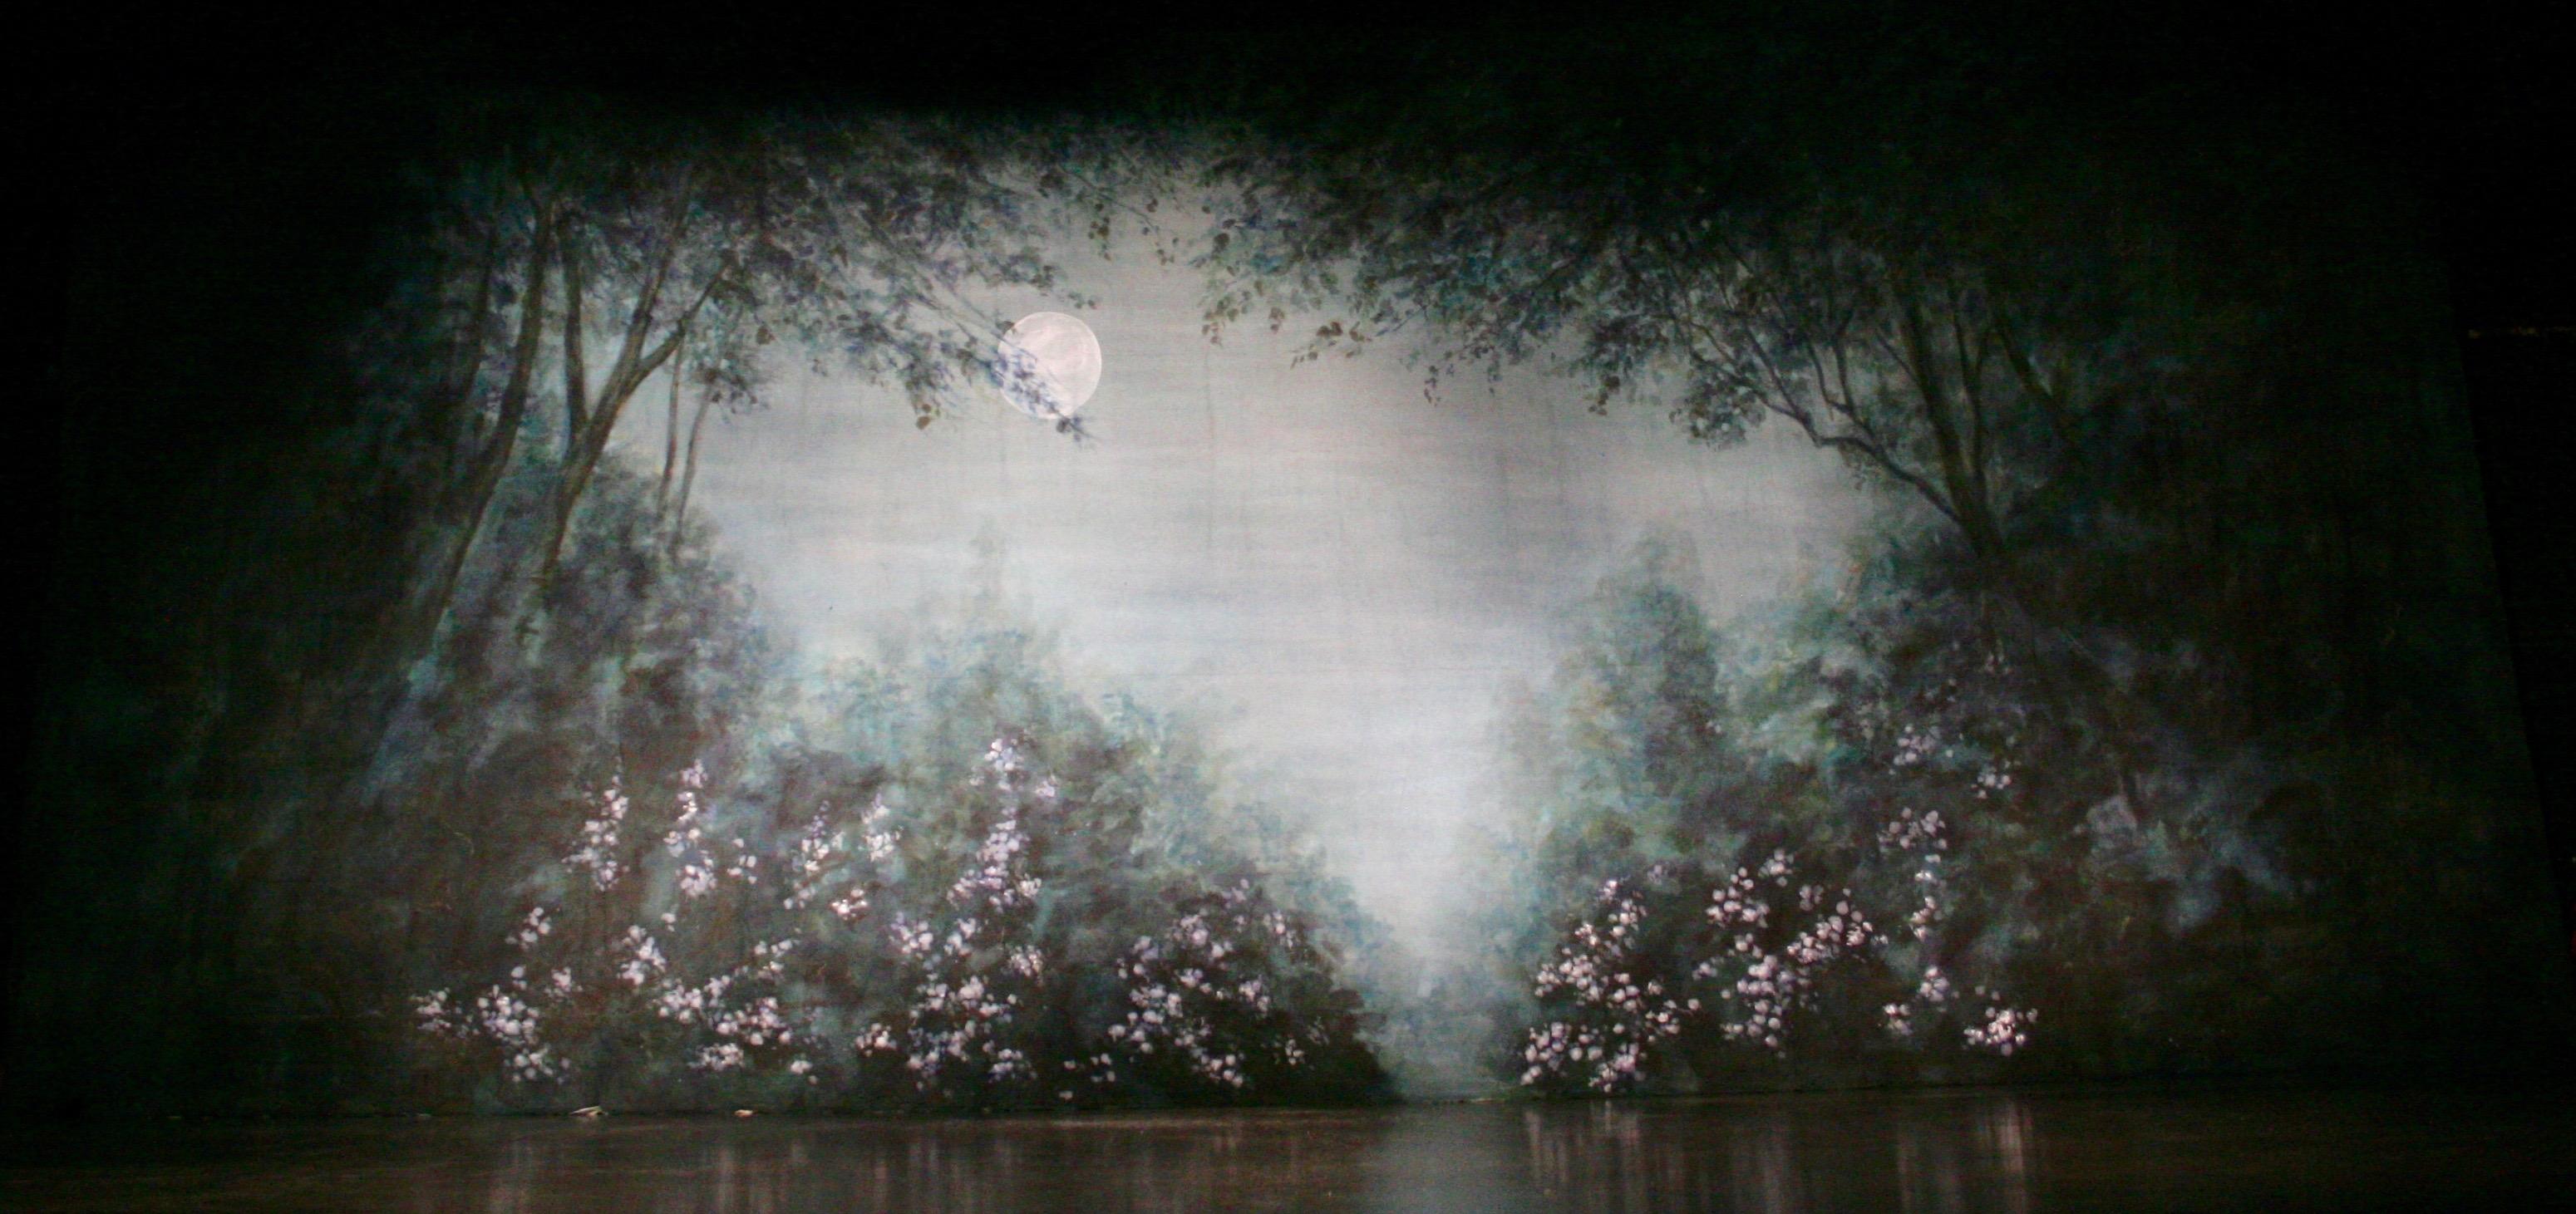 LilacGarden Backdrop